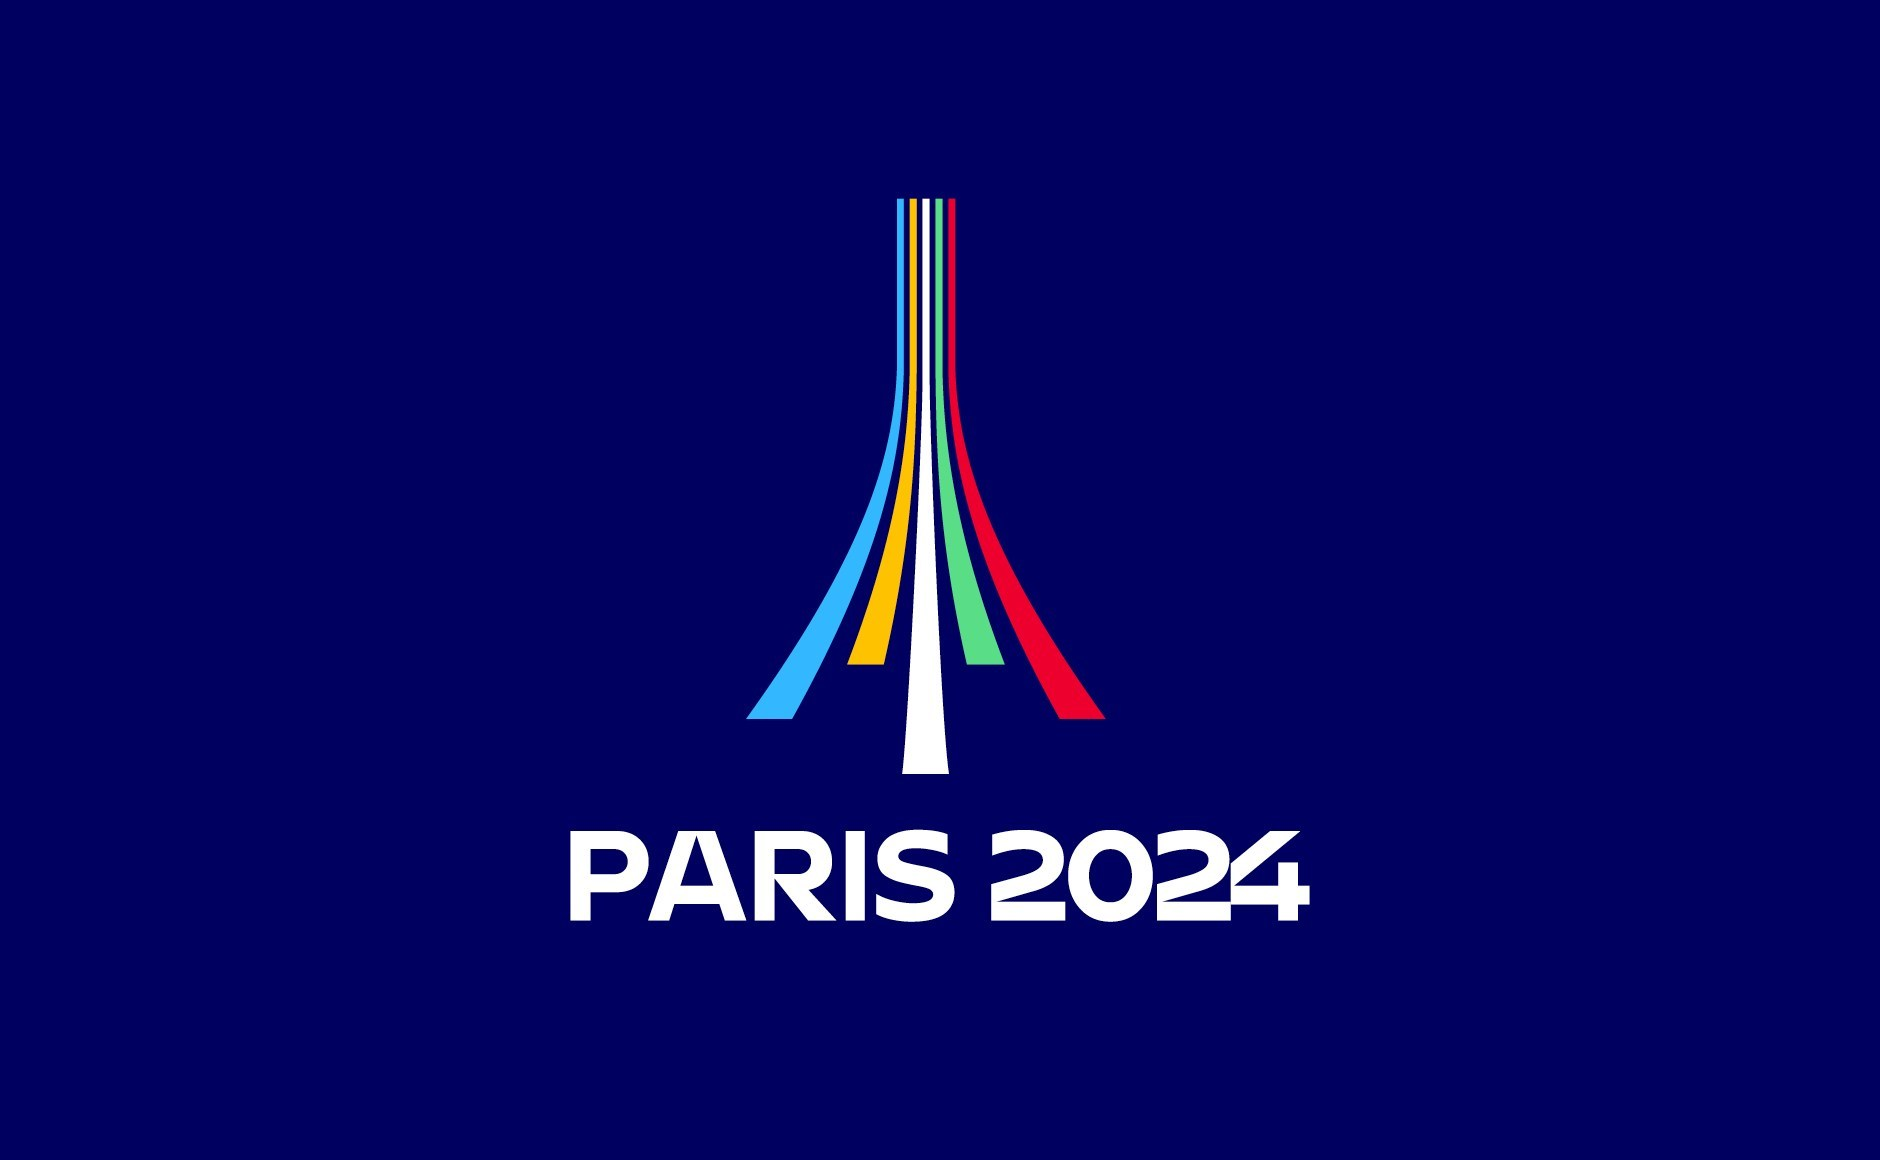 Another Paris 2024 Proposal